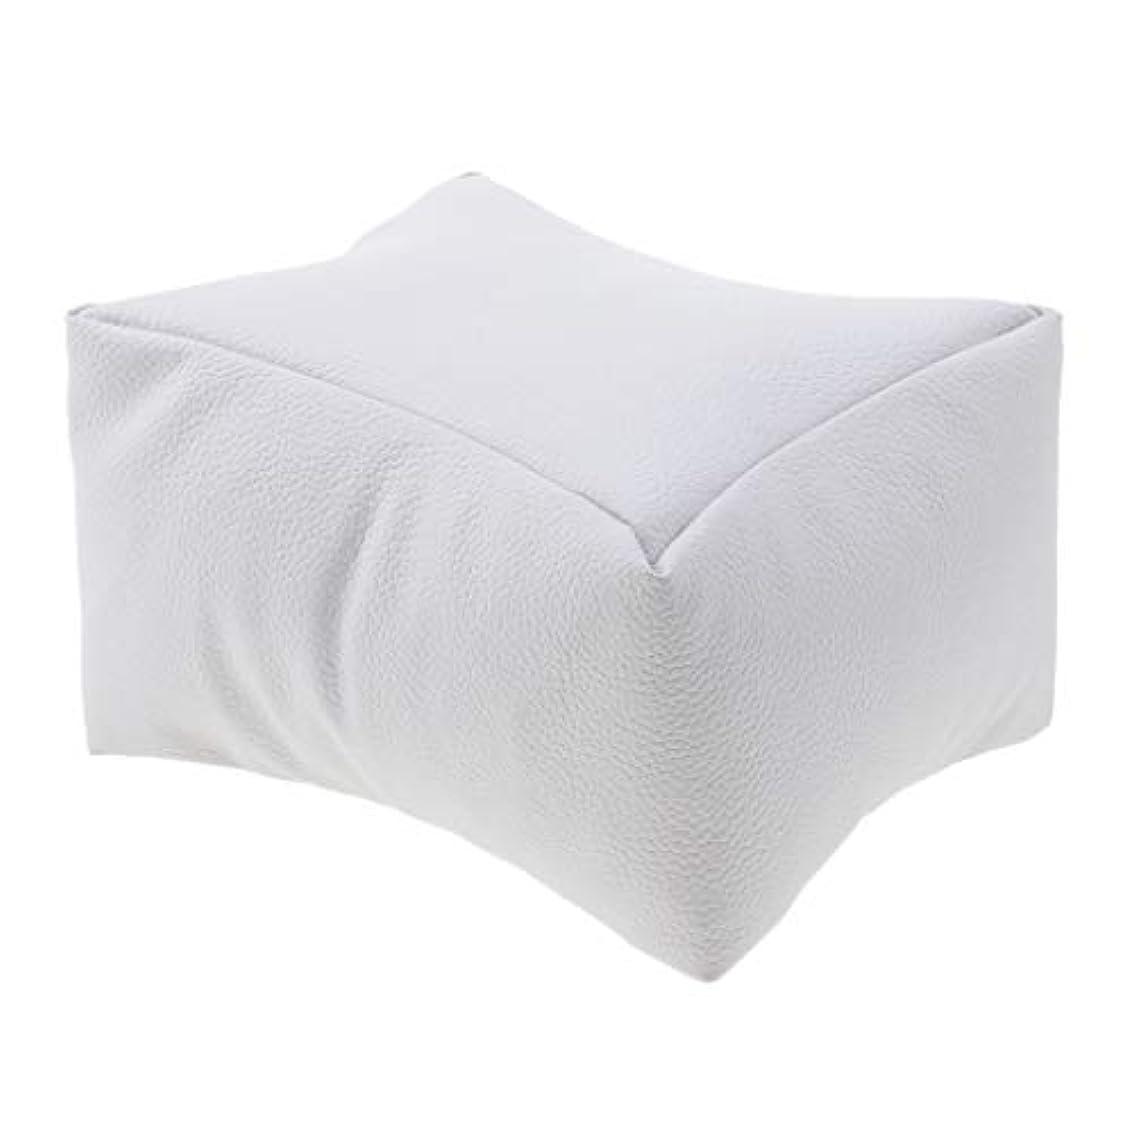 中世の区別石鹸アームレスト ハンドピロー アームレスト 腕置き 肘置き 肘掛け クッション サロン ネイルアート用 3色選択 - ホワイト